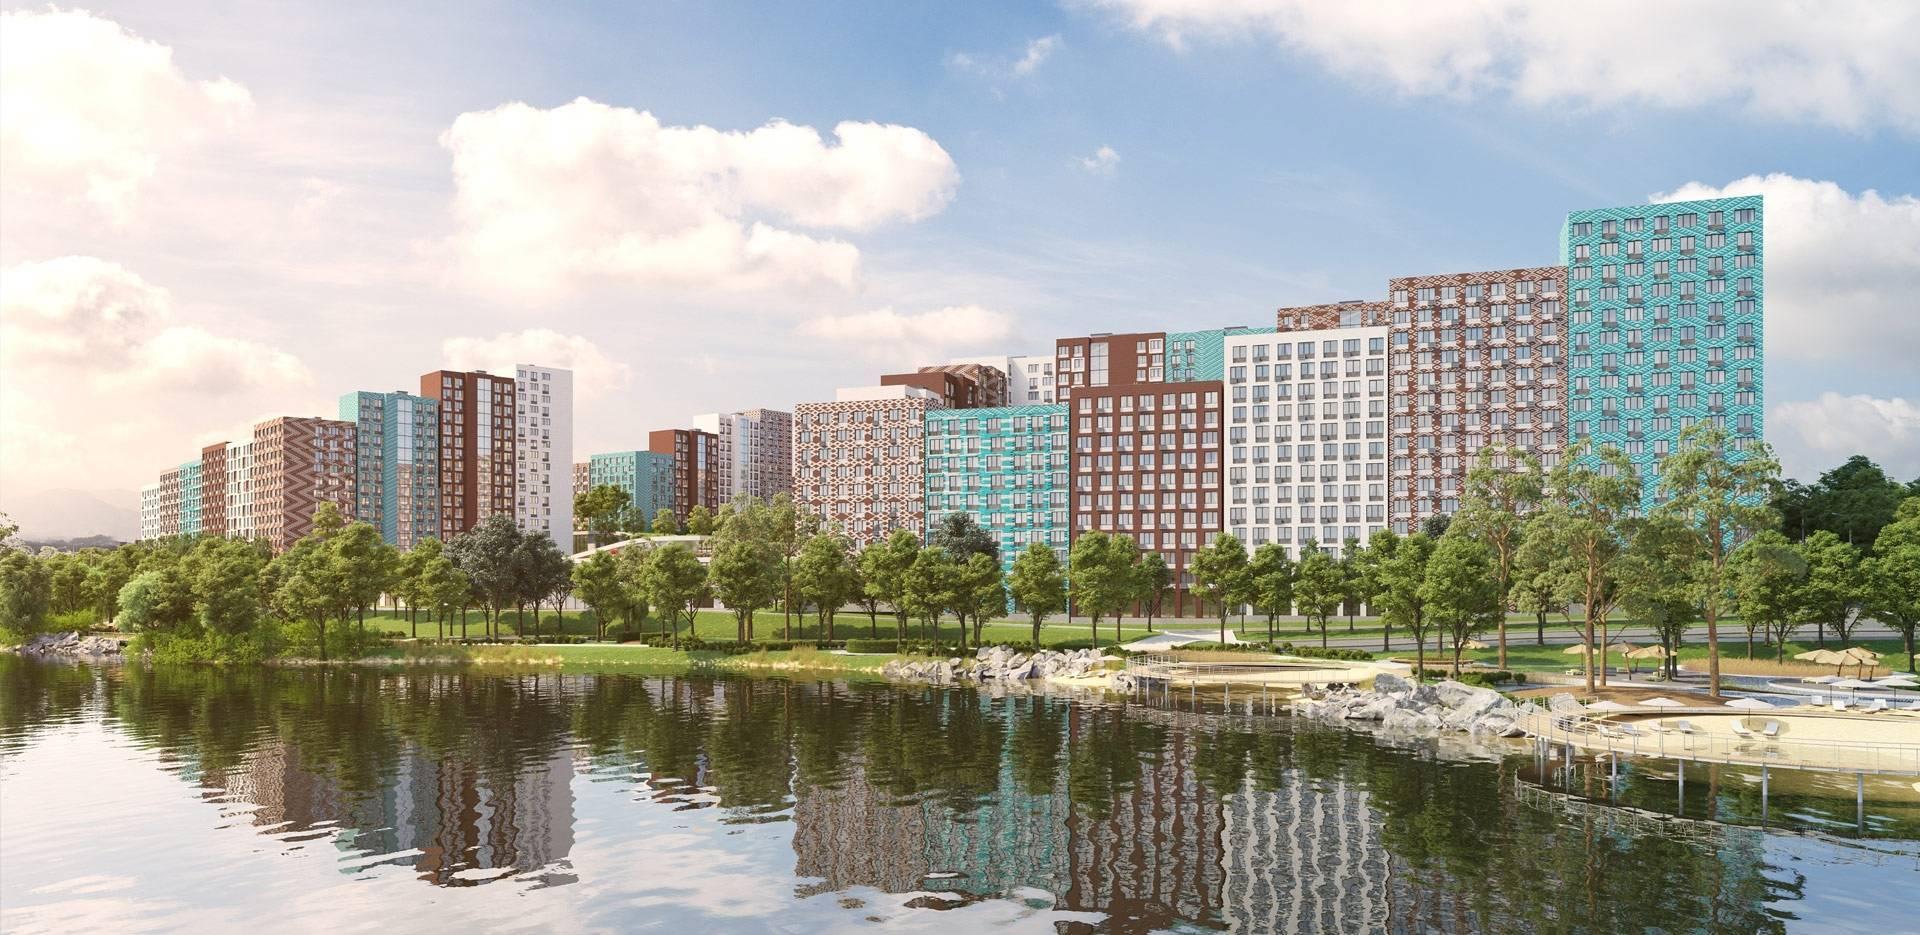 Новый Год в ЖК «Эко Видное 2.0»: минус 12% на квартиры с отделкой